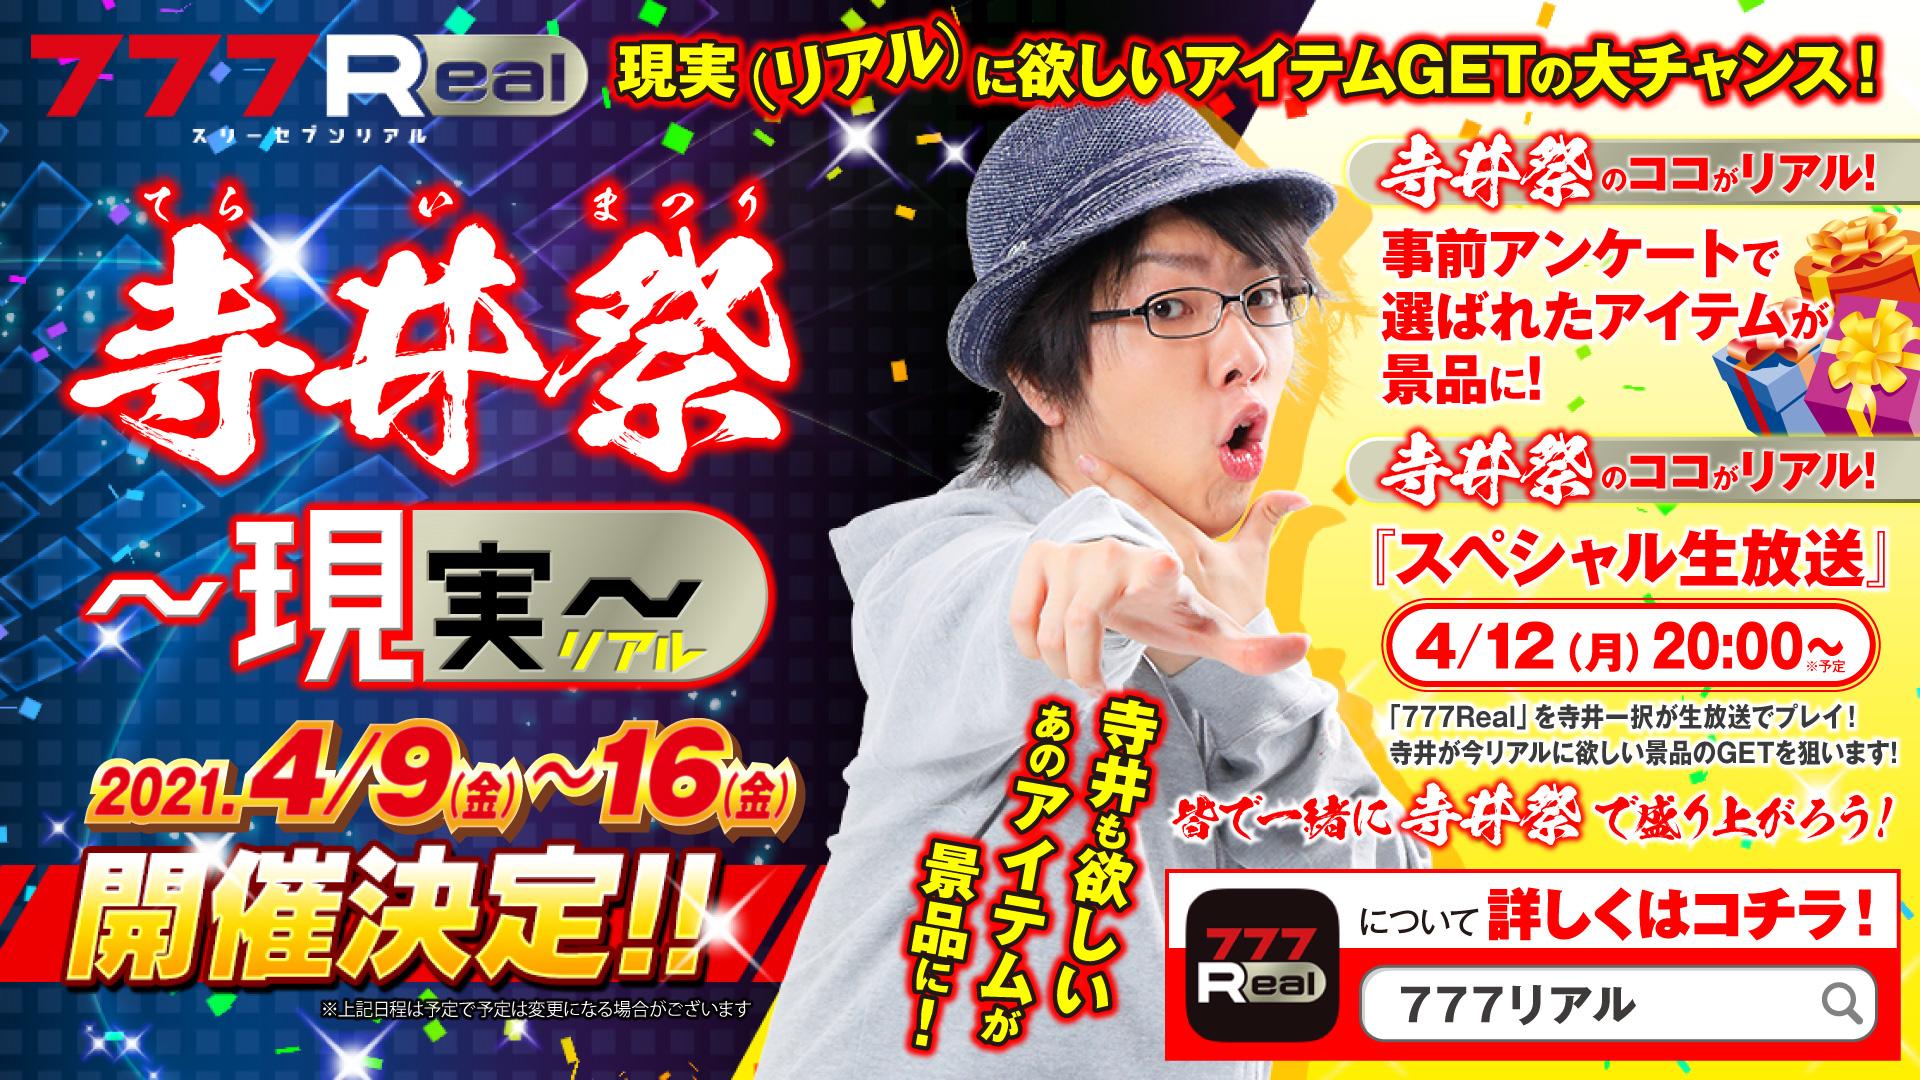 【SP!N】【777Real】「寺井祭~現実(リアル)」開催!!【4月2日】